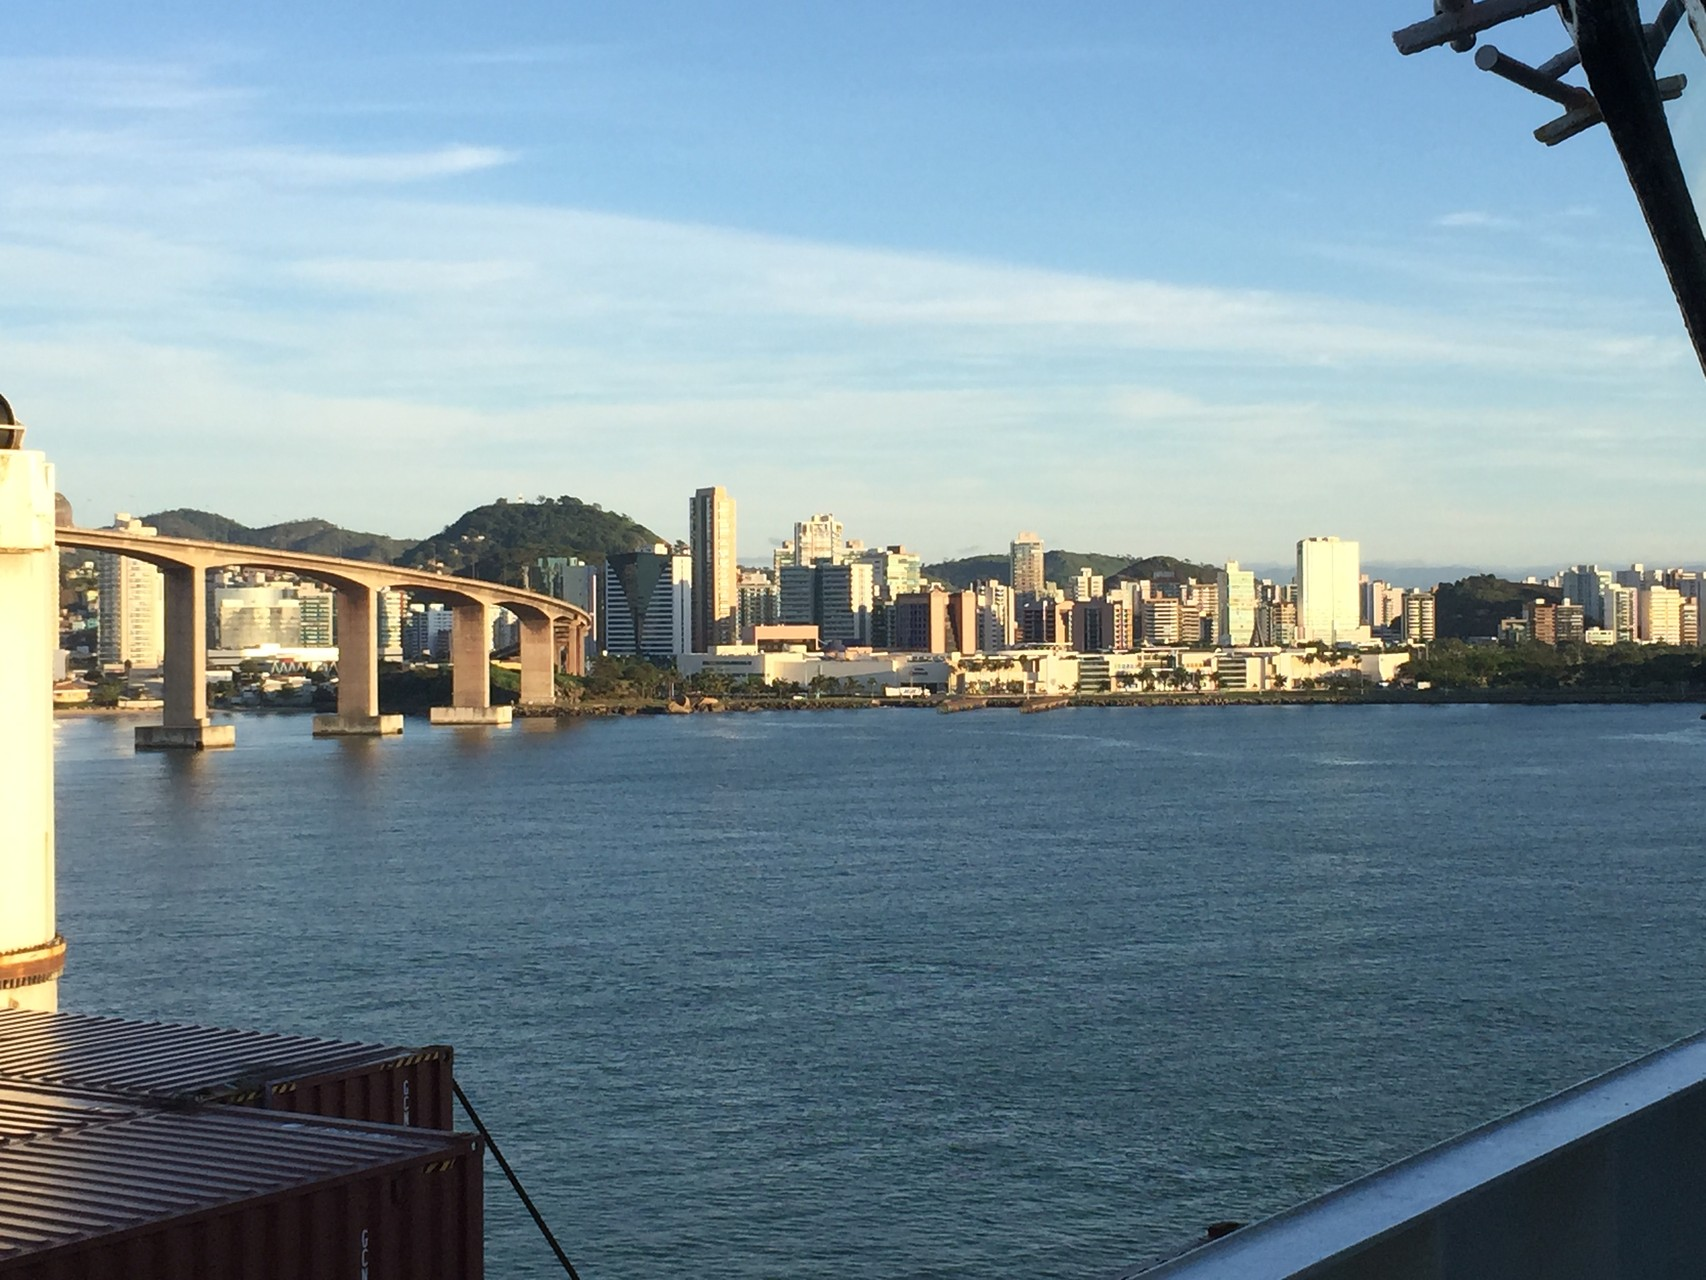 Traumhafte Hafeneinfahrt in Vitoria